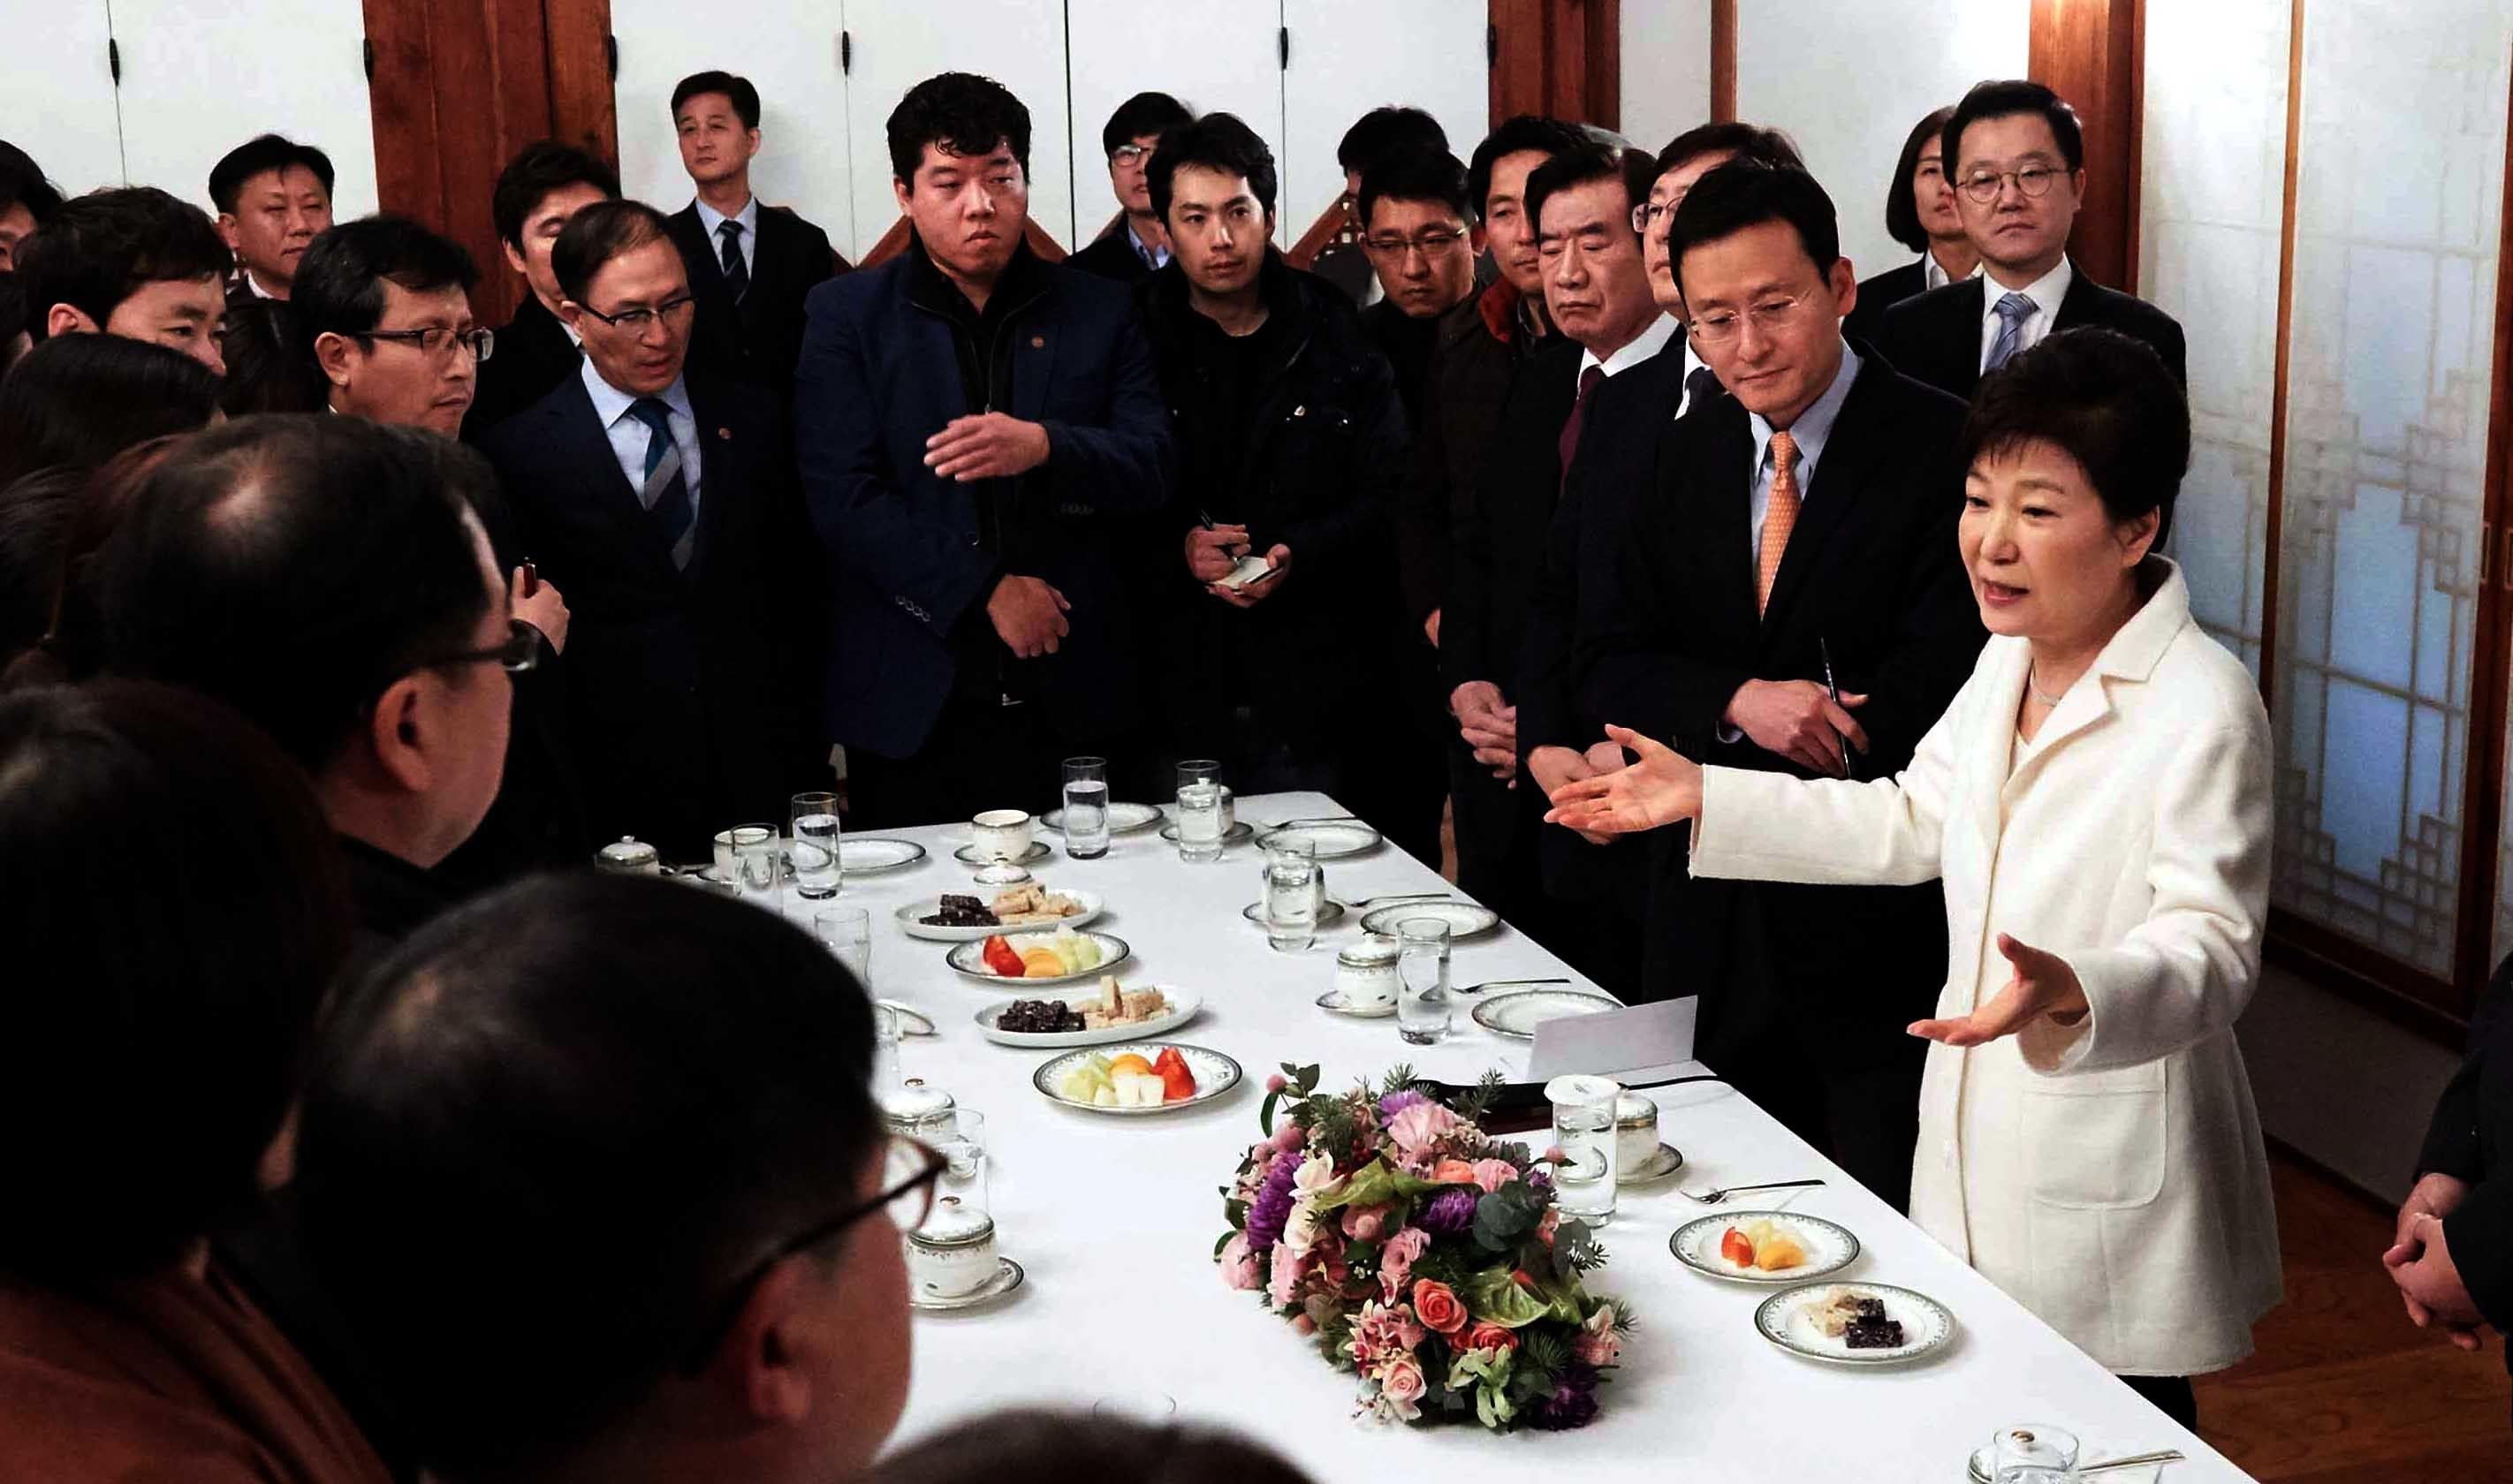 직무정지 상태인 박근혜 대통령은 새해 첫날 청와대 상춘재에서 출입 기자단과 간담회를 갖고 '박근혜-최순실 게이트'와 관련한 각종 의혹에 대해 해명했다.